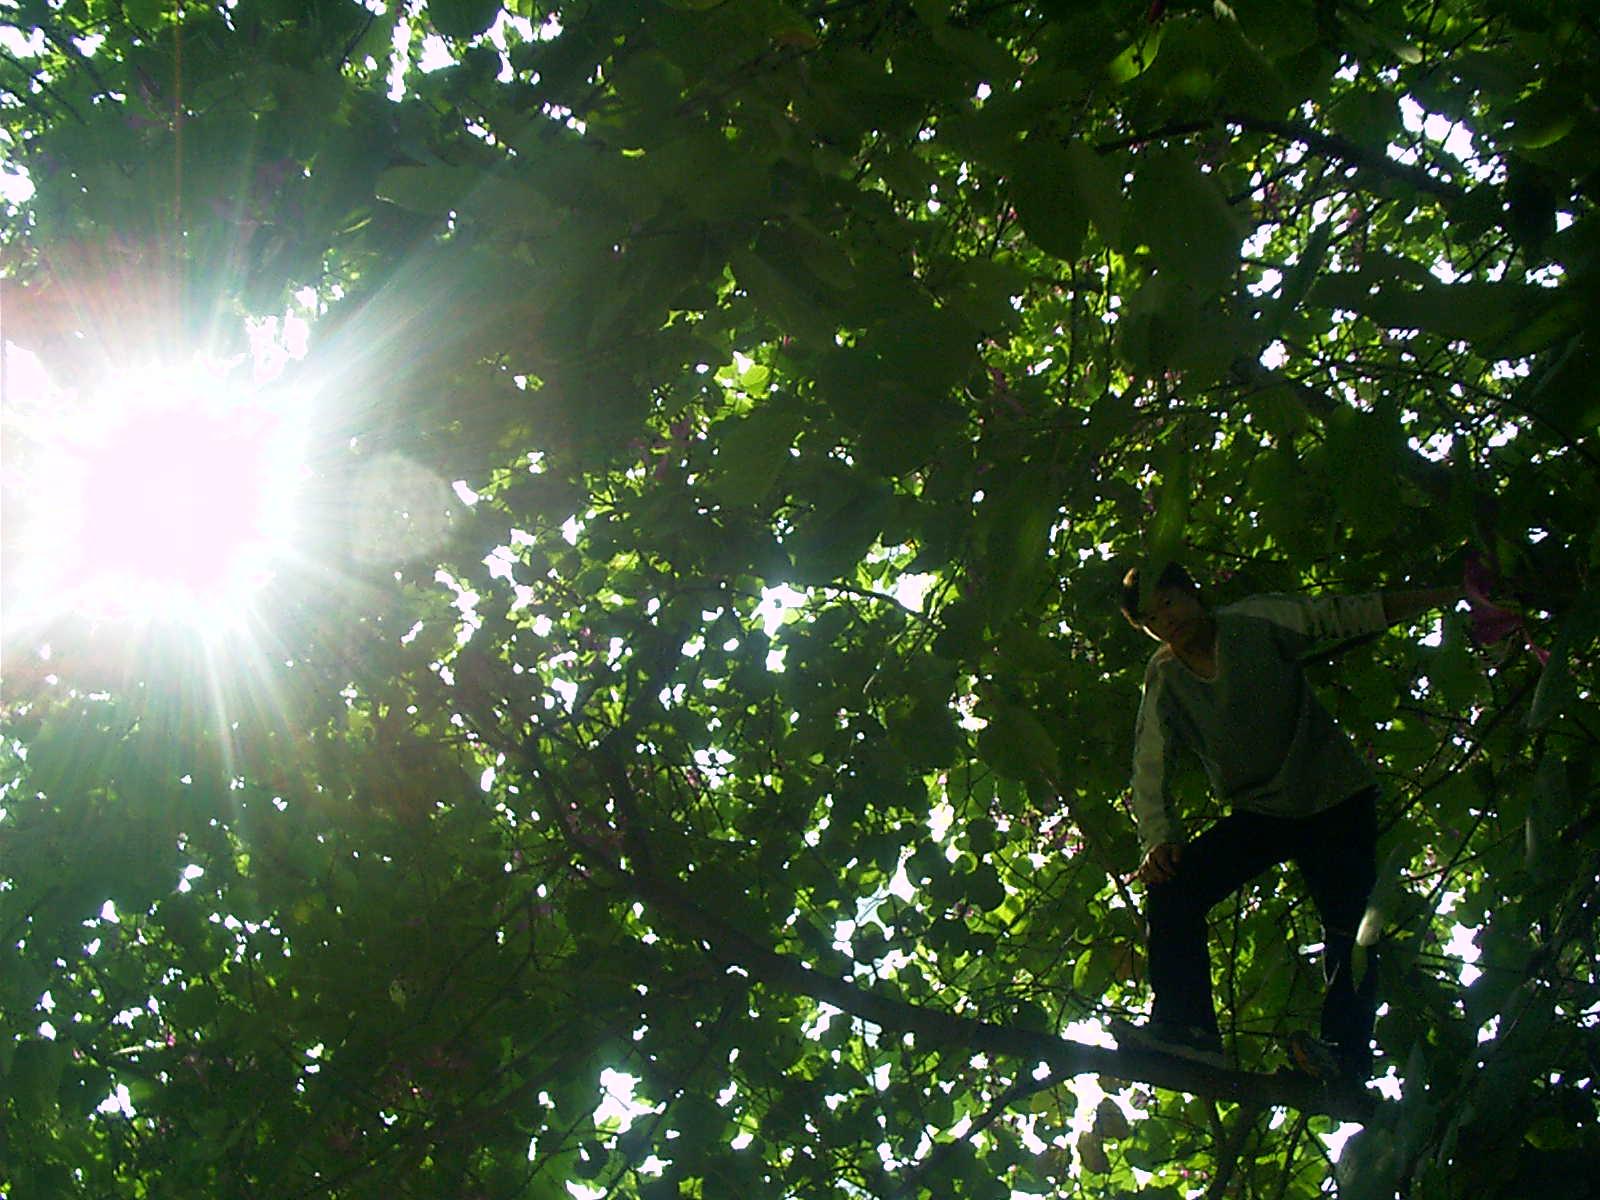 阳光照耀下的市树 扁桃树